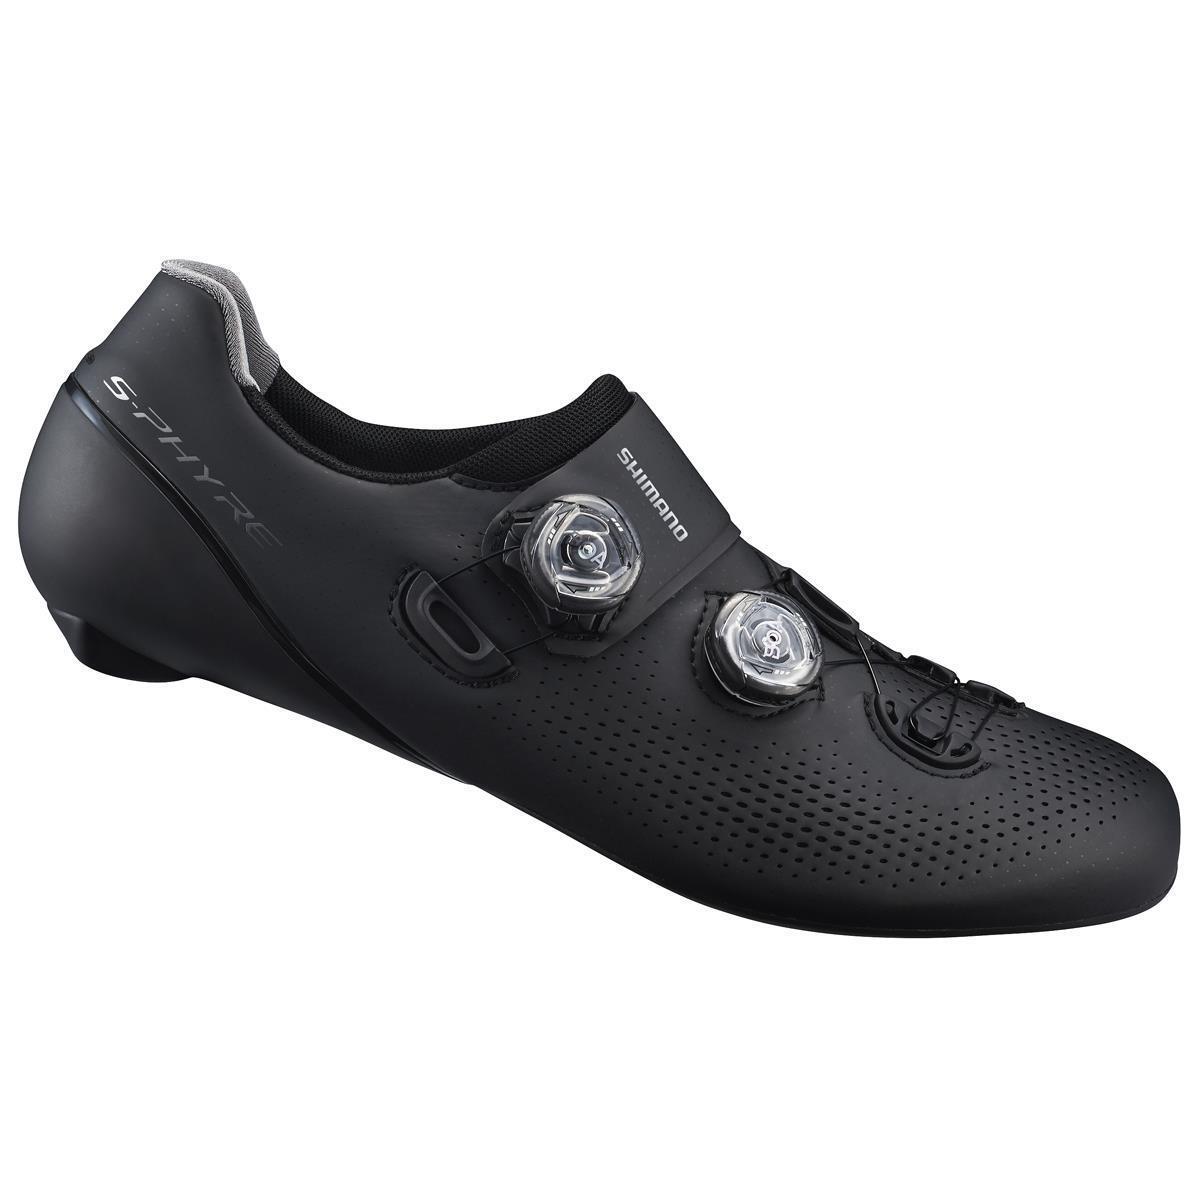 Zapatos de Calle S-Phyre rc9 sh-rc901sb1 Negro 2019 Shimano Zapatos de Bicicleta